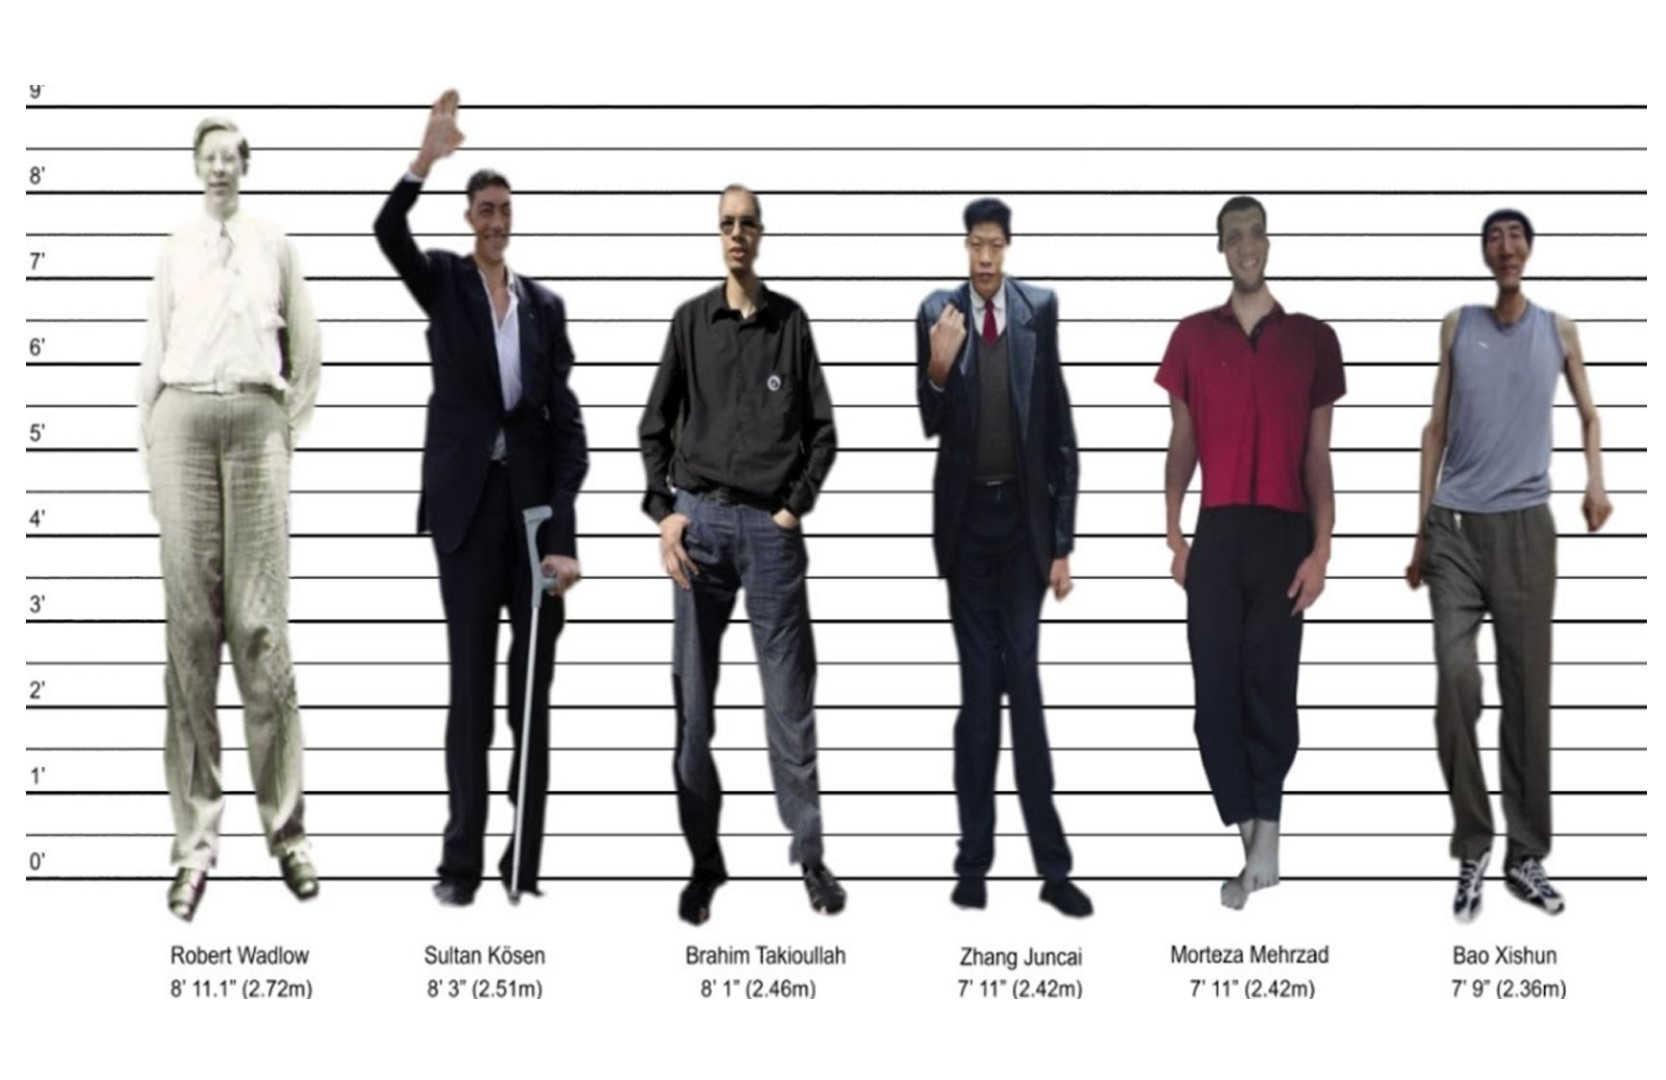 en-uzun-insanlar-1558516073.jpg